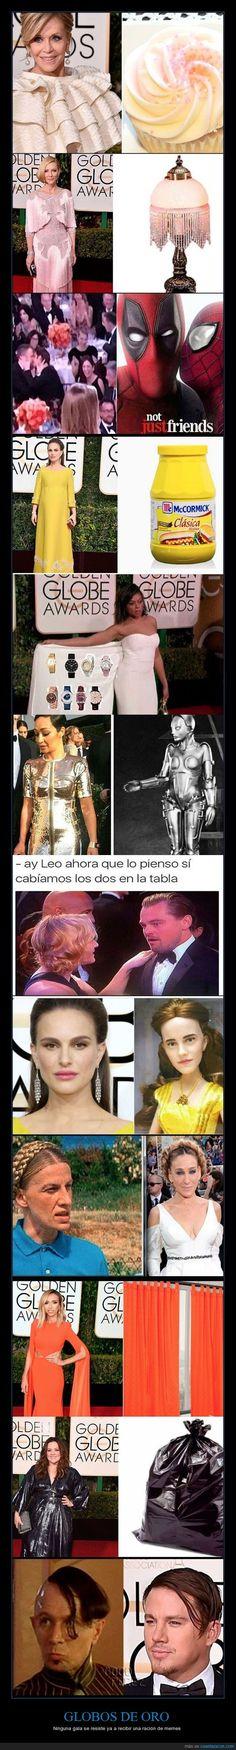 Los mejores memes de la gala de los Globos de Oro - Ninguna gala se resiste ya a recibir una ración de memes Gracias a http://www.cuantarazon.com/ Si quieres leer la noticia completa visita: http://www.skylight-imagen.com/los-mejores-memes-de-la-gala-de-los-globos-de-oro-ninguna-gala-se-resiste-ya-a-recibir-una-racion-de-memes/